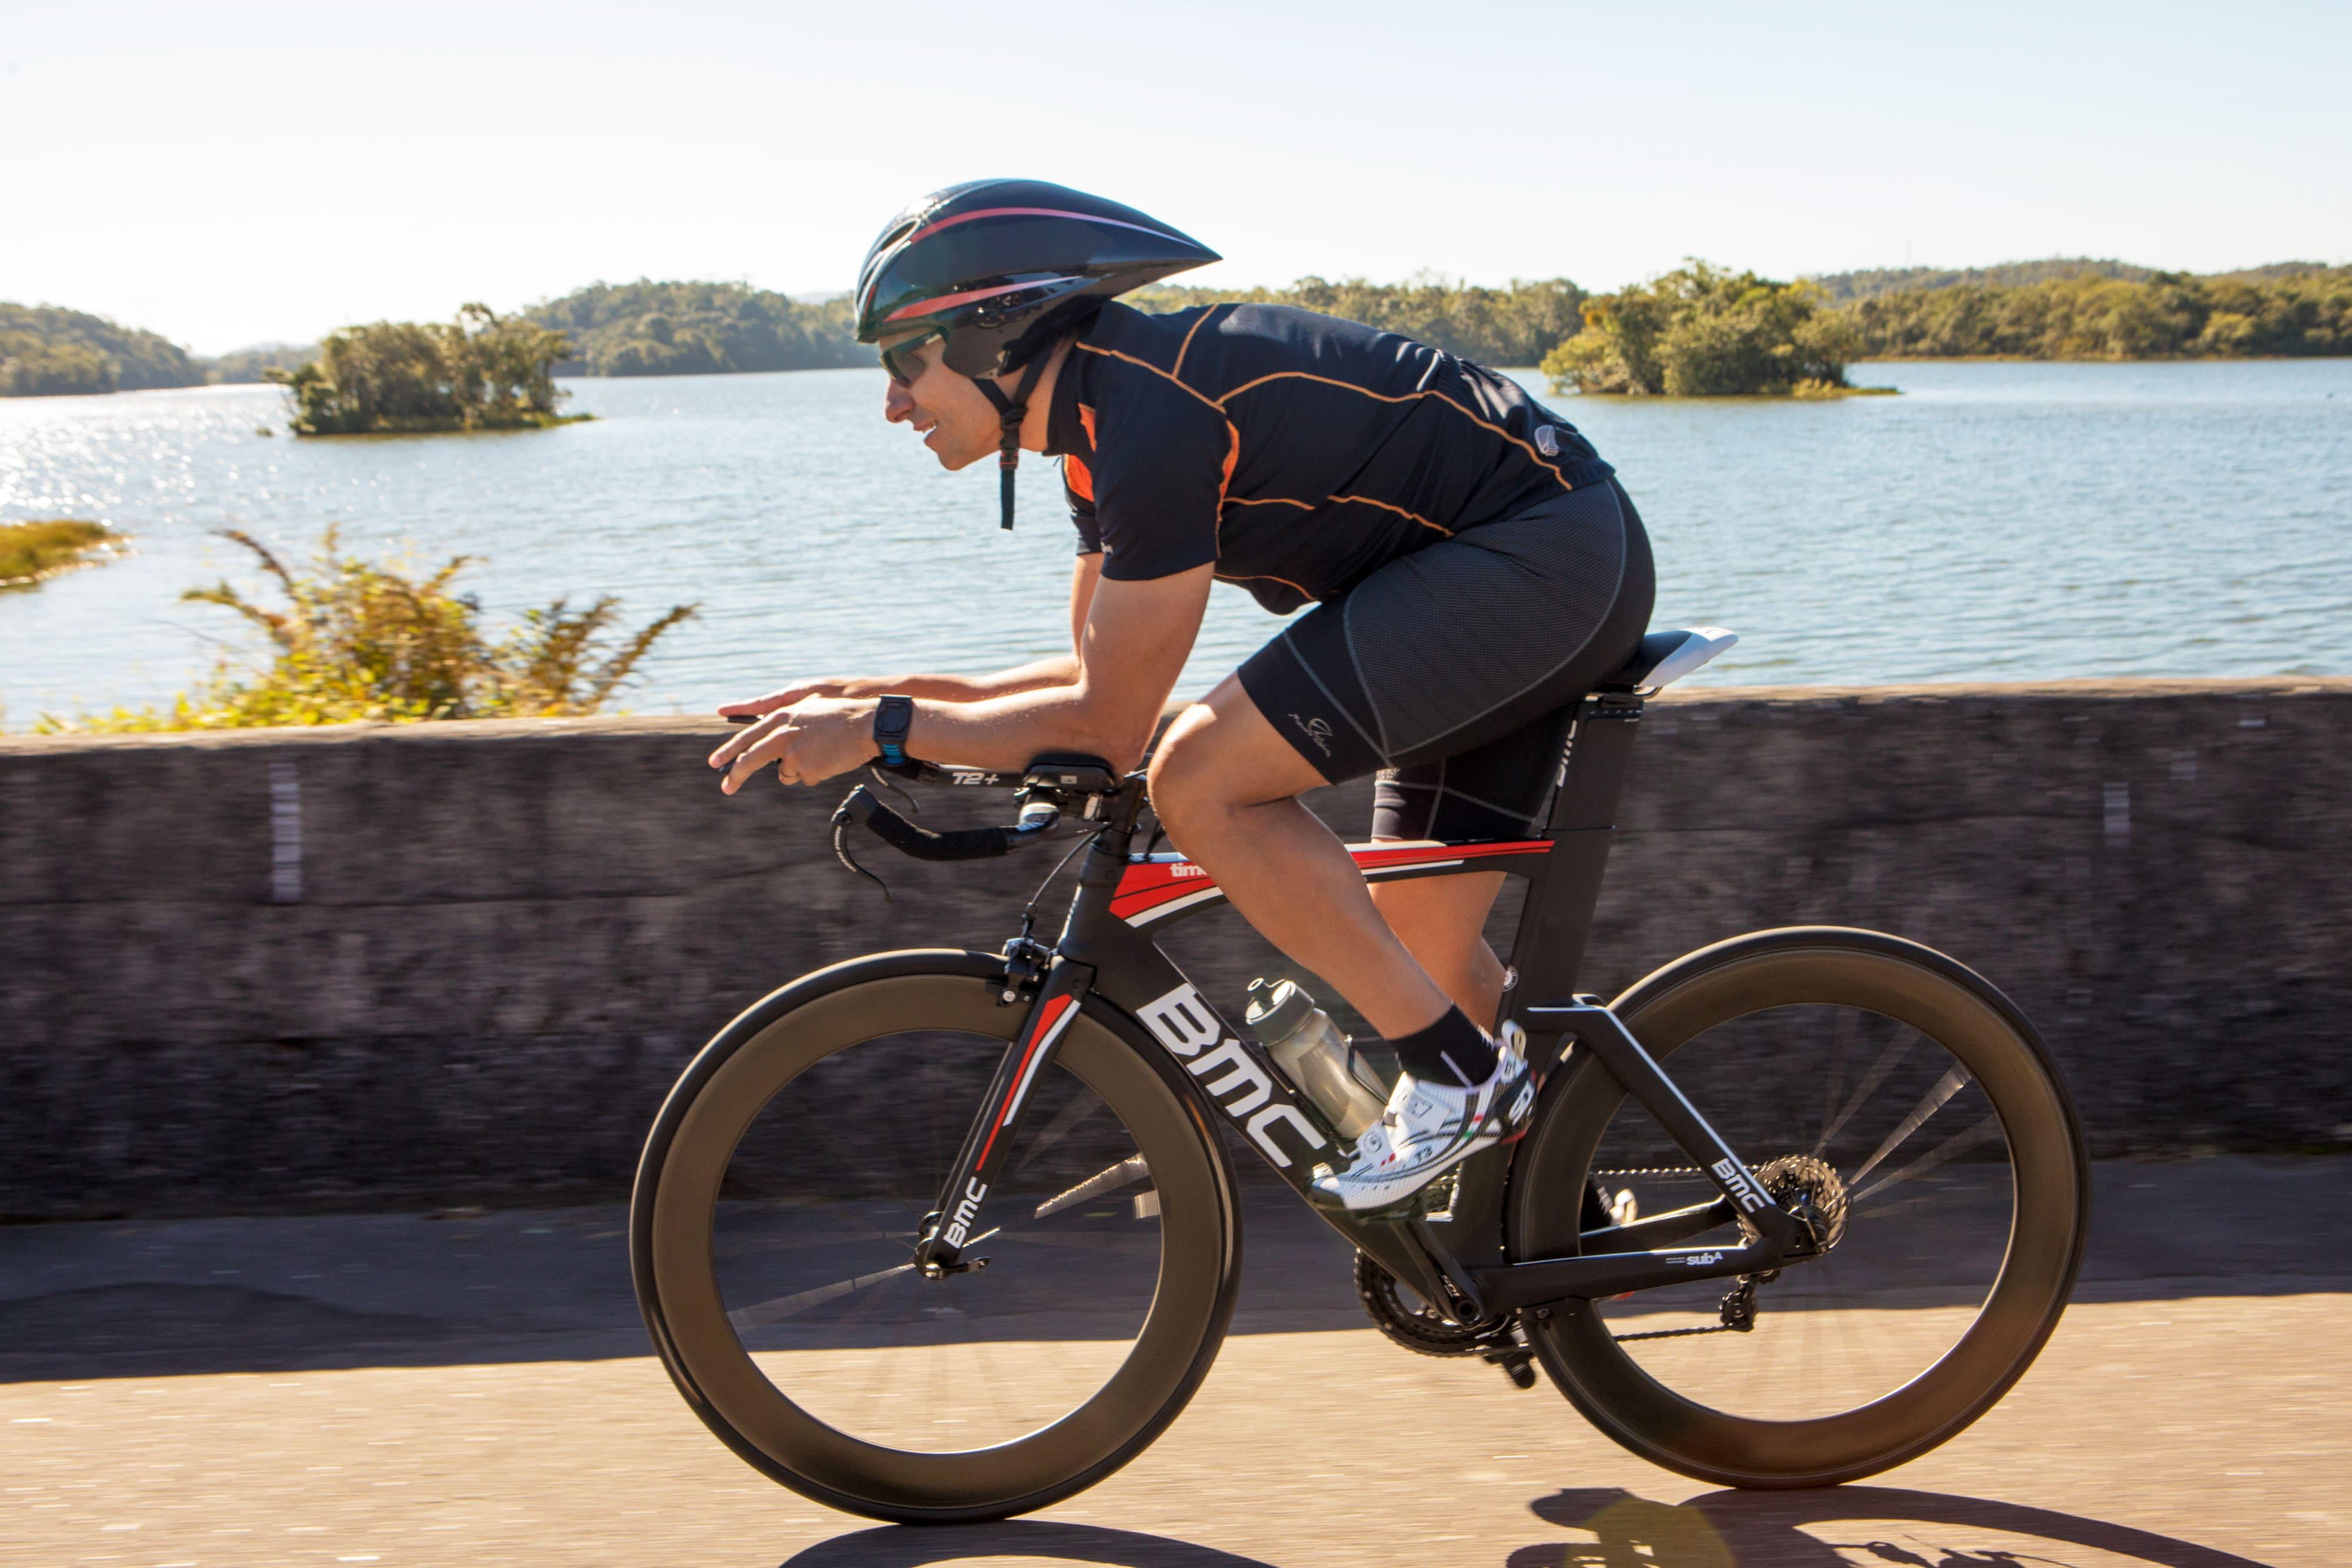 Modalidades de ciclismo  Ciclista de triatlo pedala em uma estrada com uma  bicicleta da BMC 3315f45f75